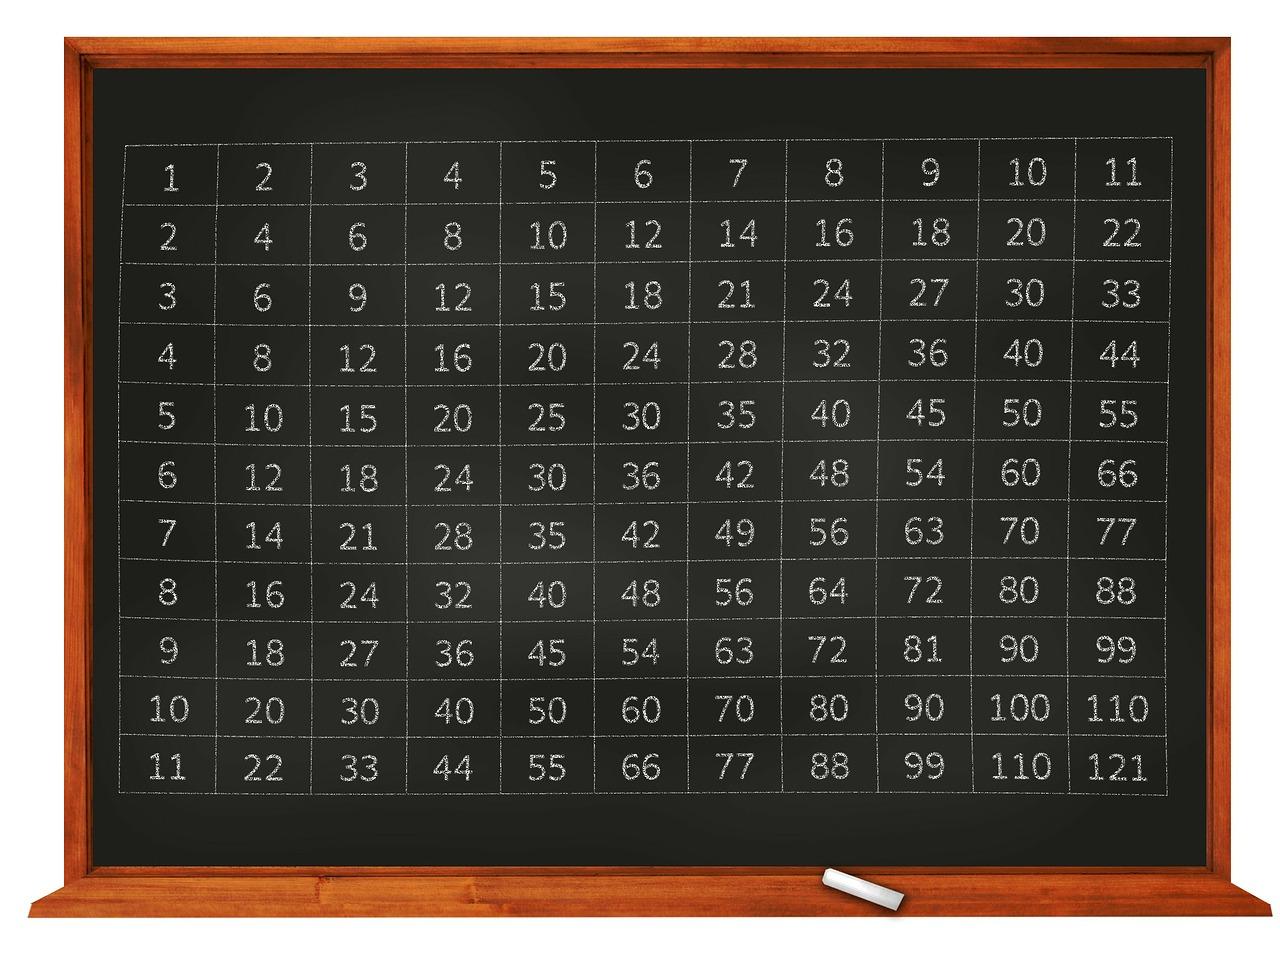 難問多数、その学習法とは?入試に勝つための数学A対策